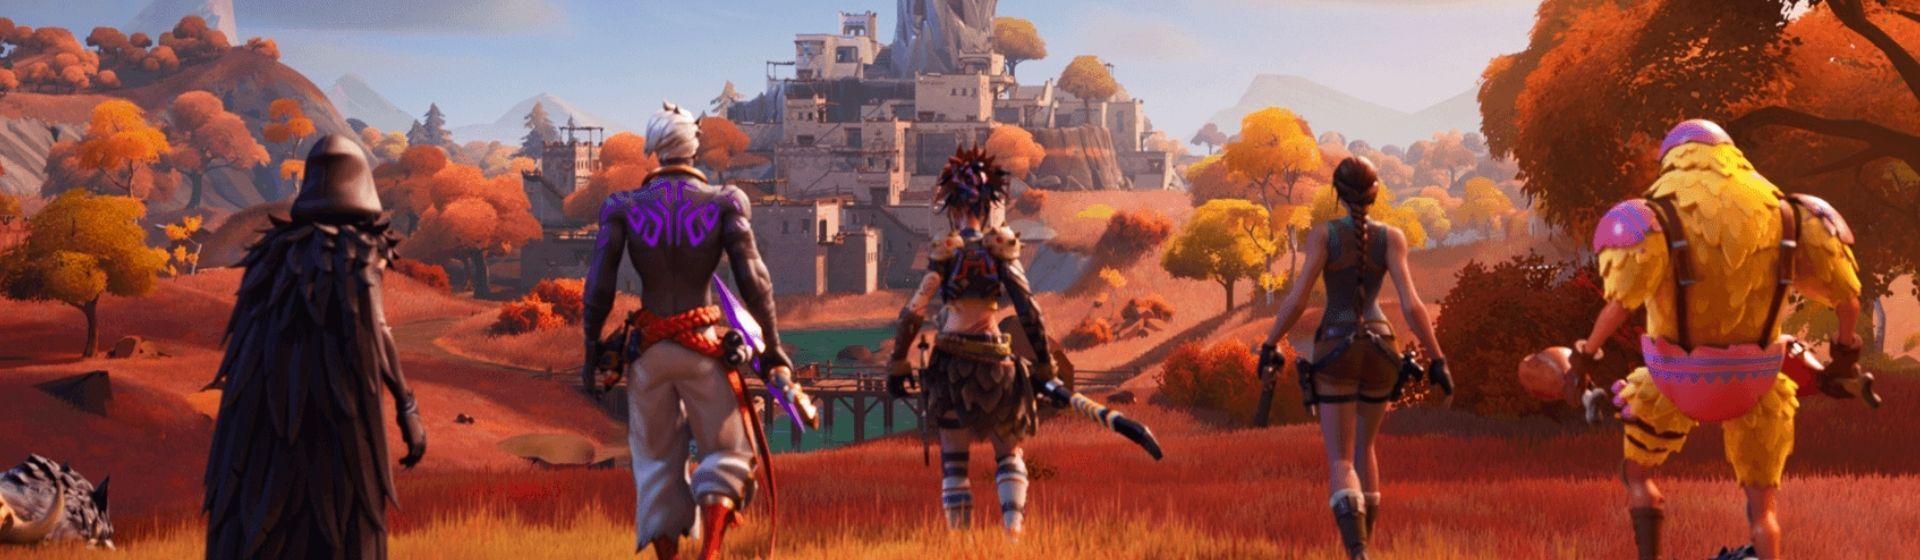 Melhores jogos multiplayer em 2021: veja 15 opções de games